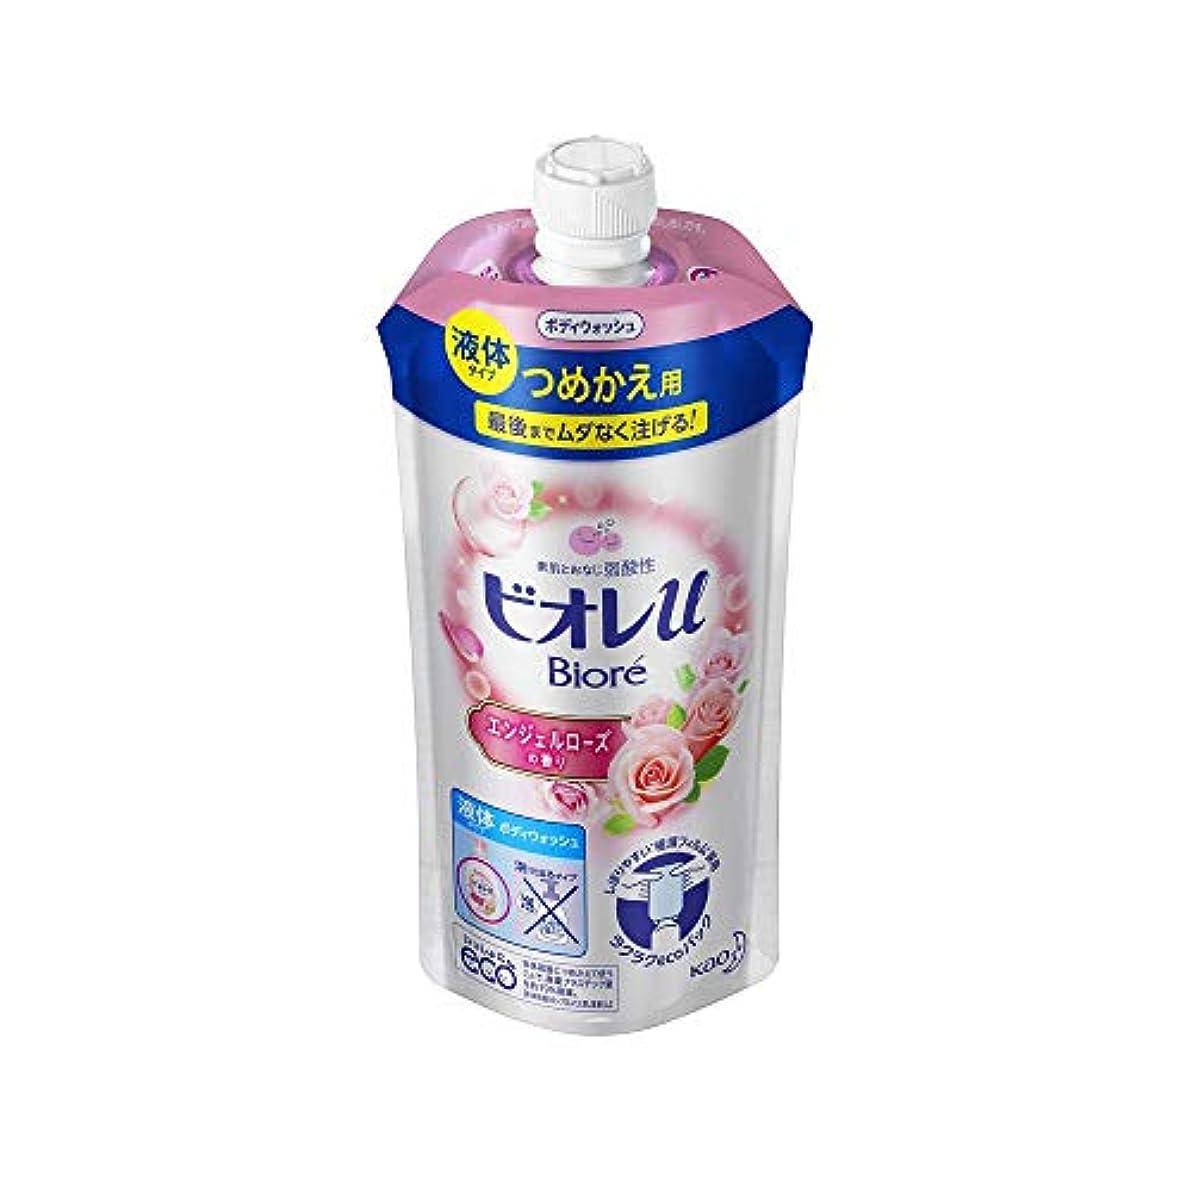 さておきクリケット絶望花王 ビオレu エンジェルローズの香りつめかえ用 340ML